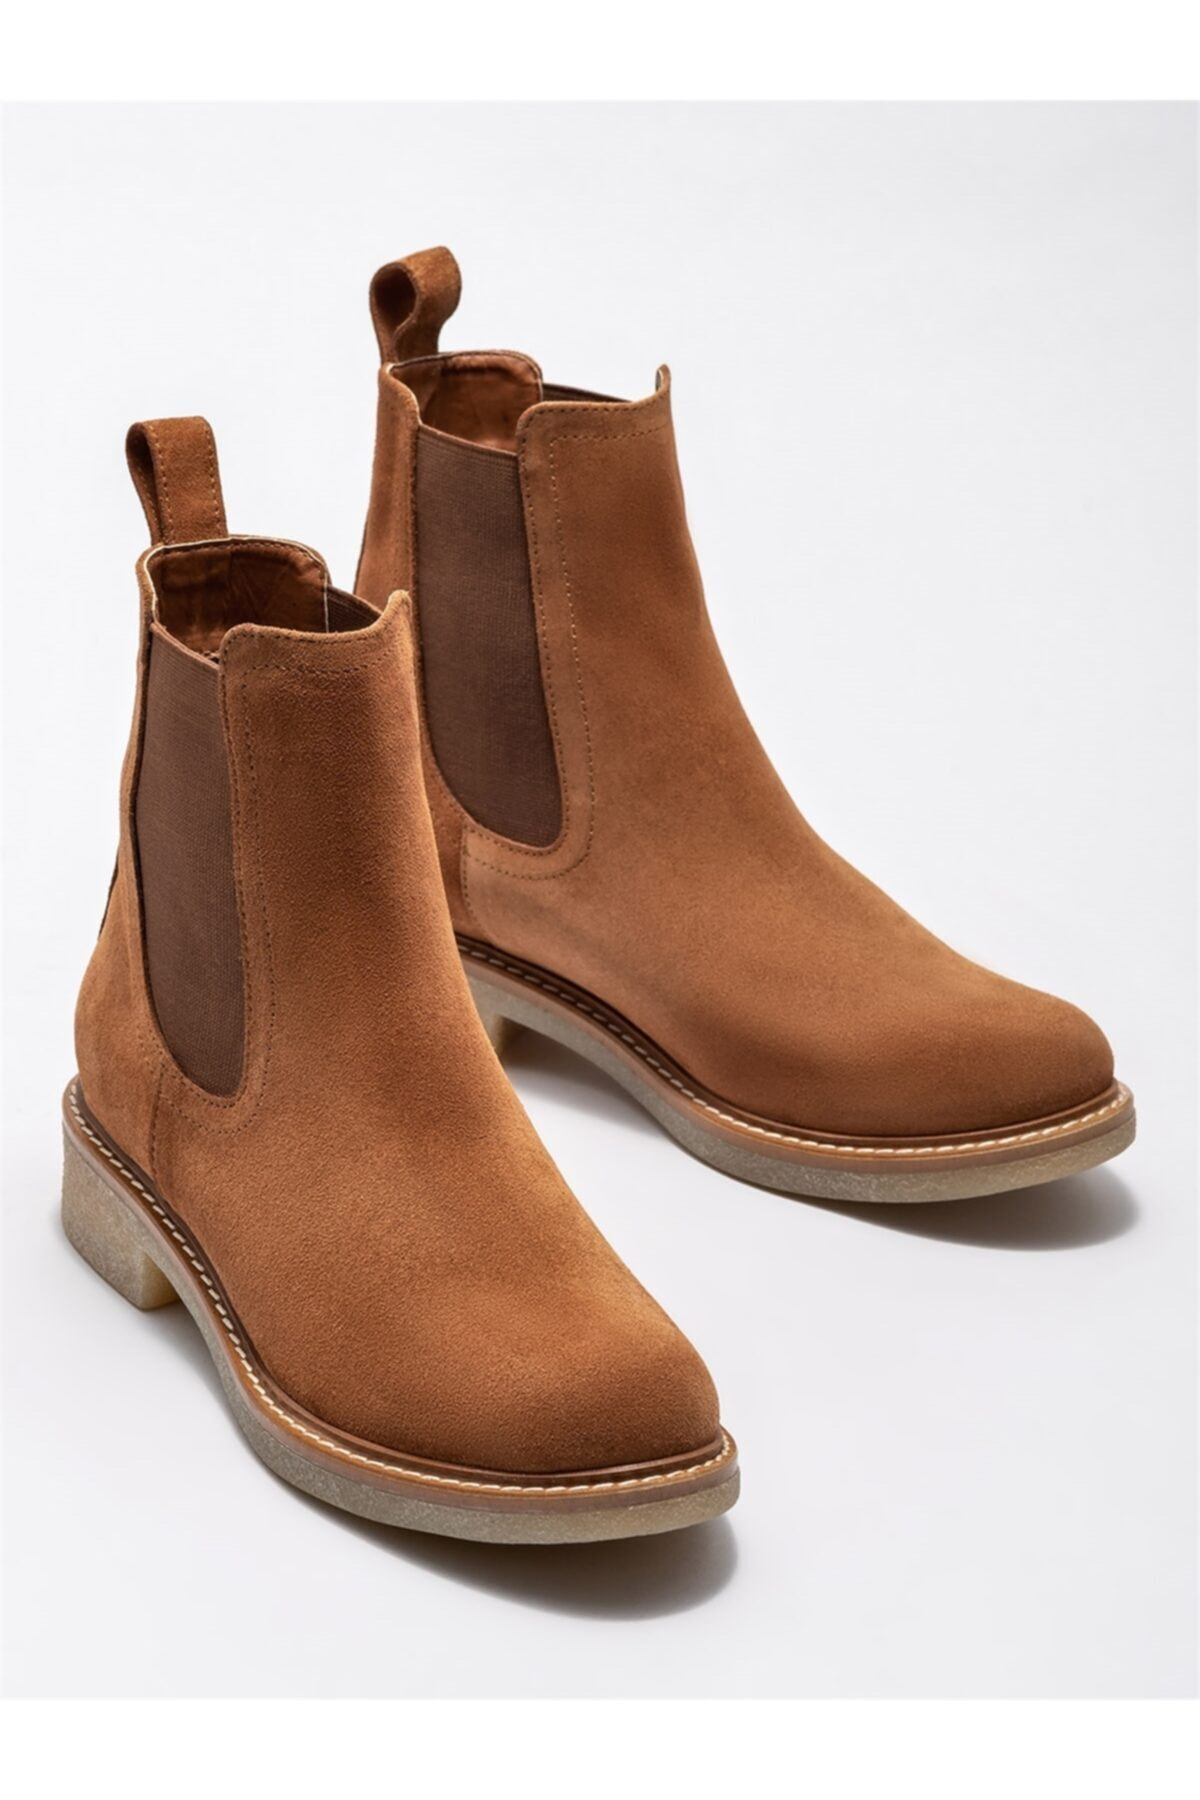 Elle Shoes Taba Deri Kadın Günlük Düz Bot 2